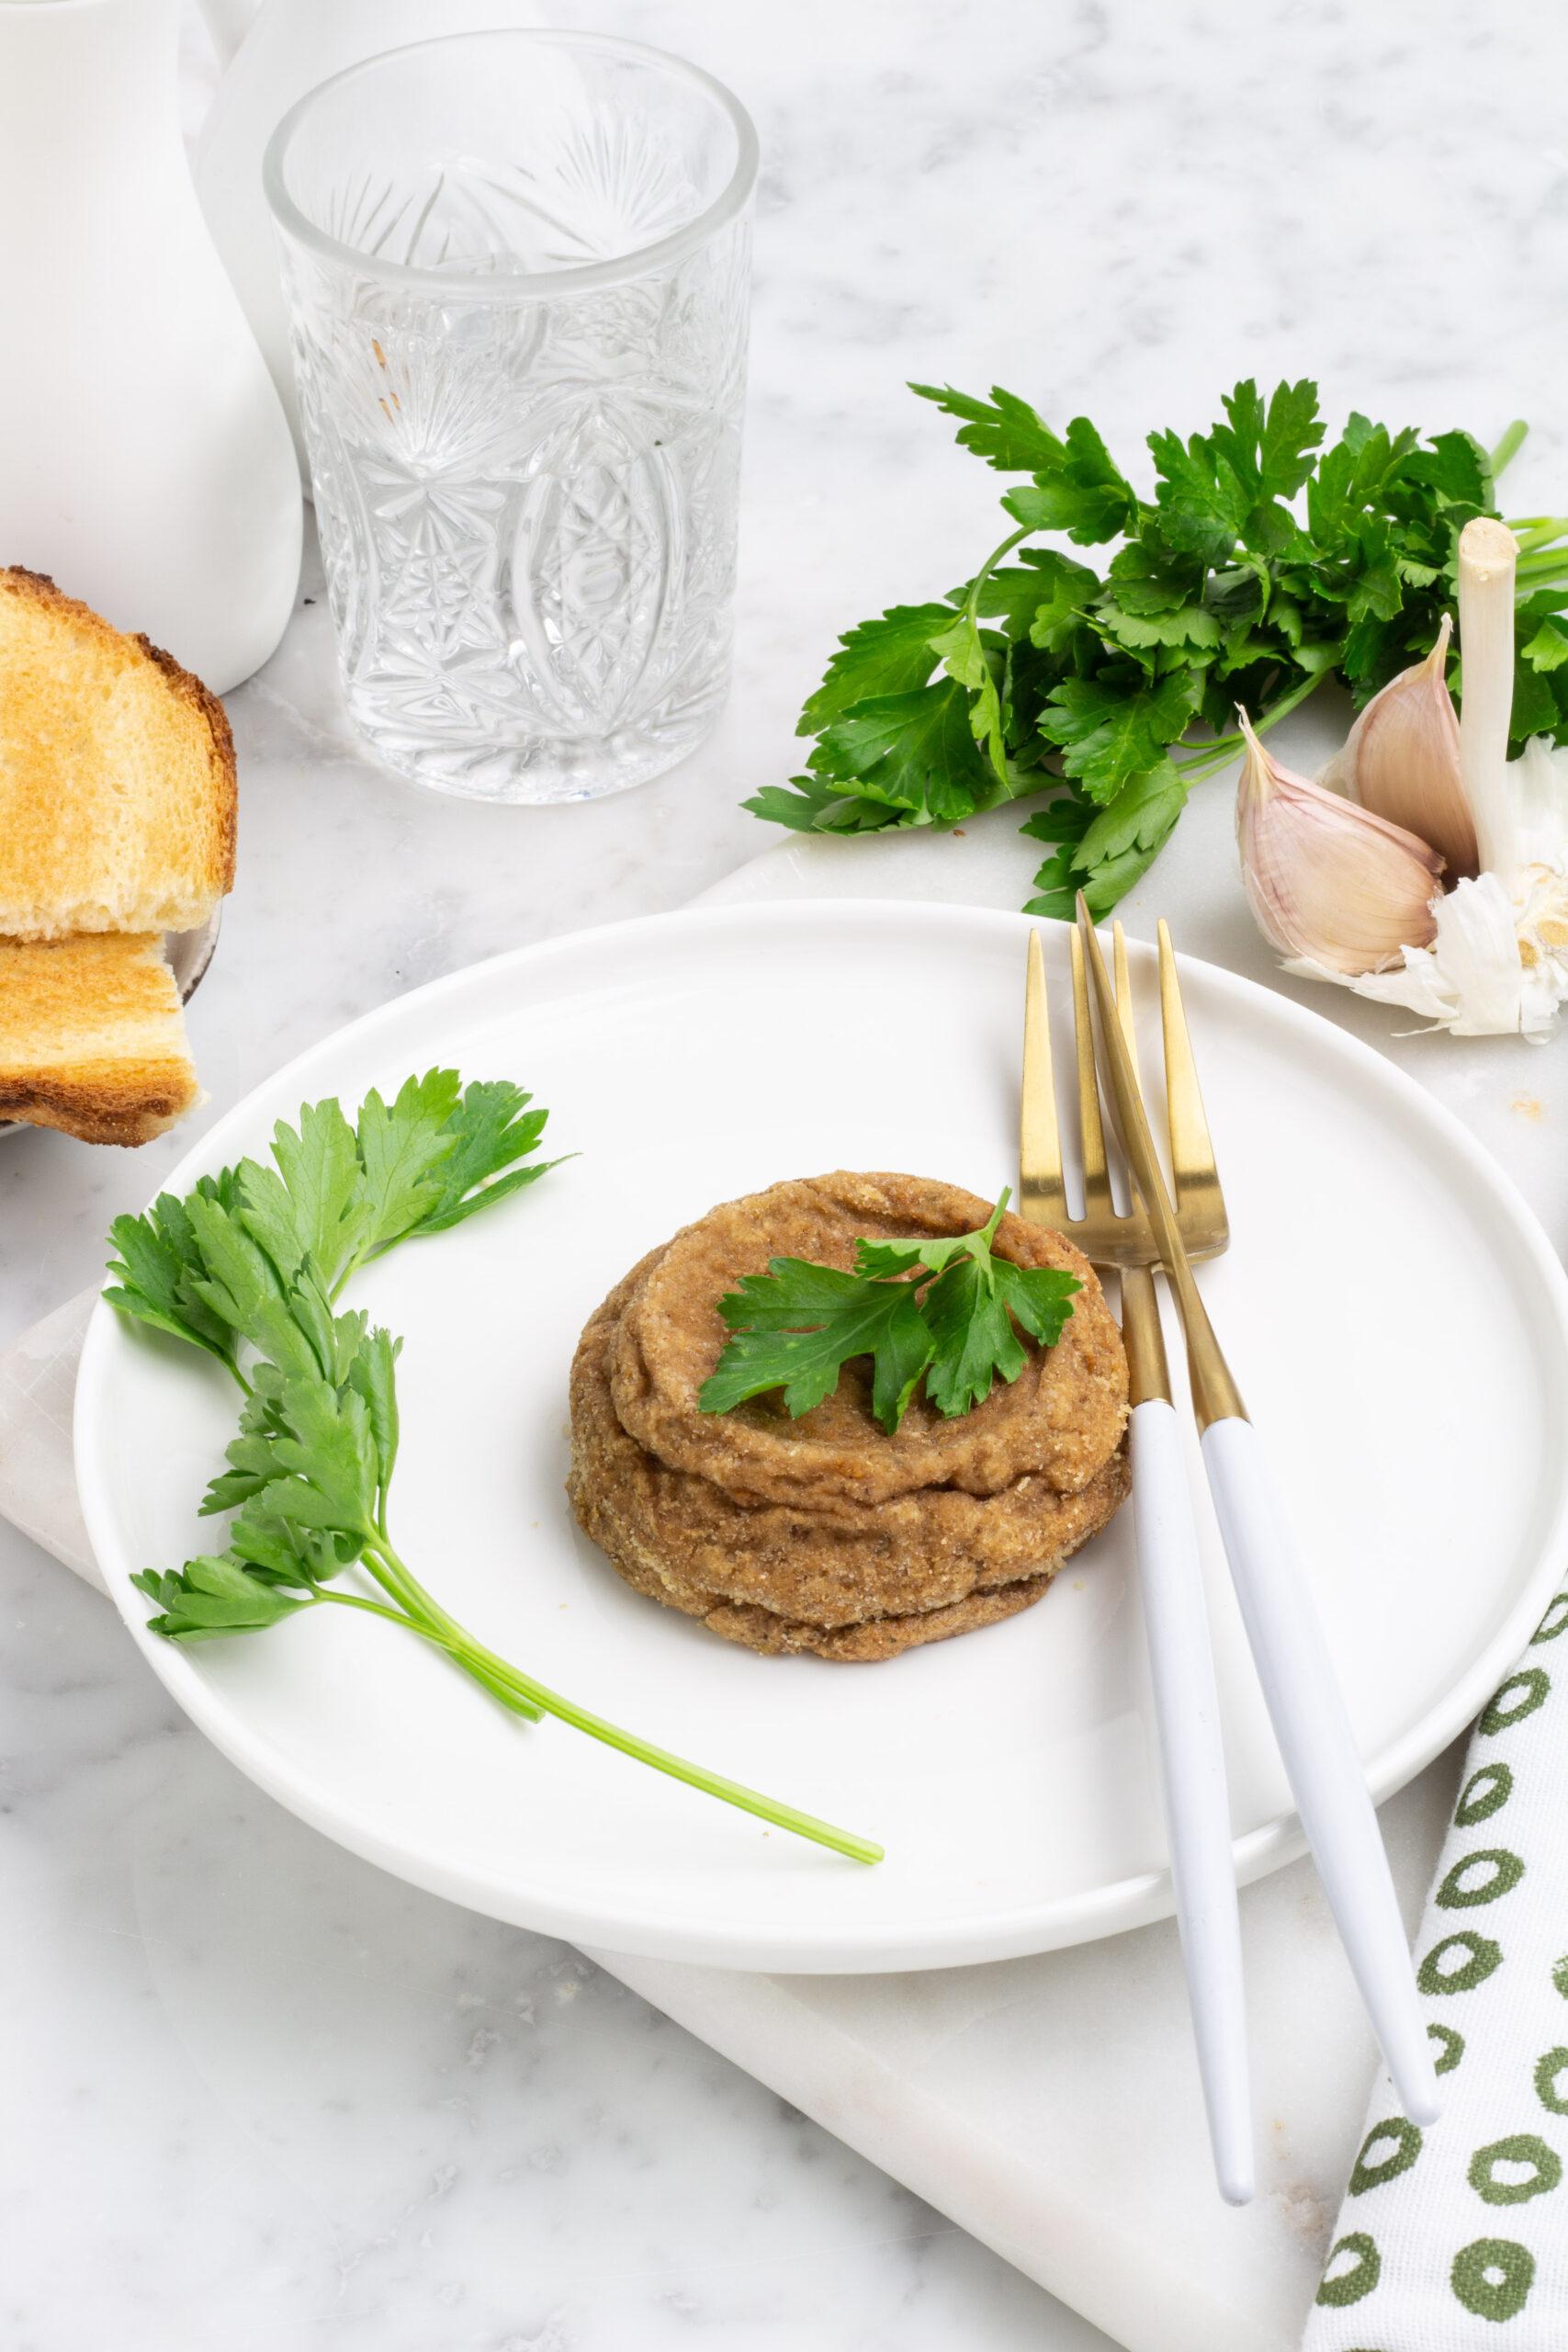 Sformato di funghi porcini secchi e patate